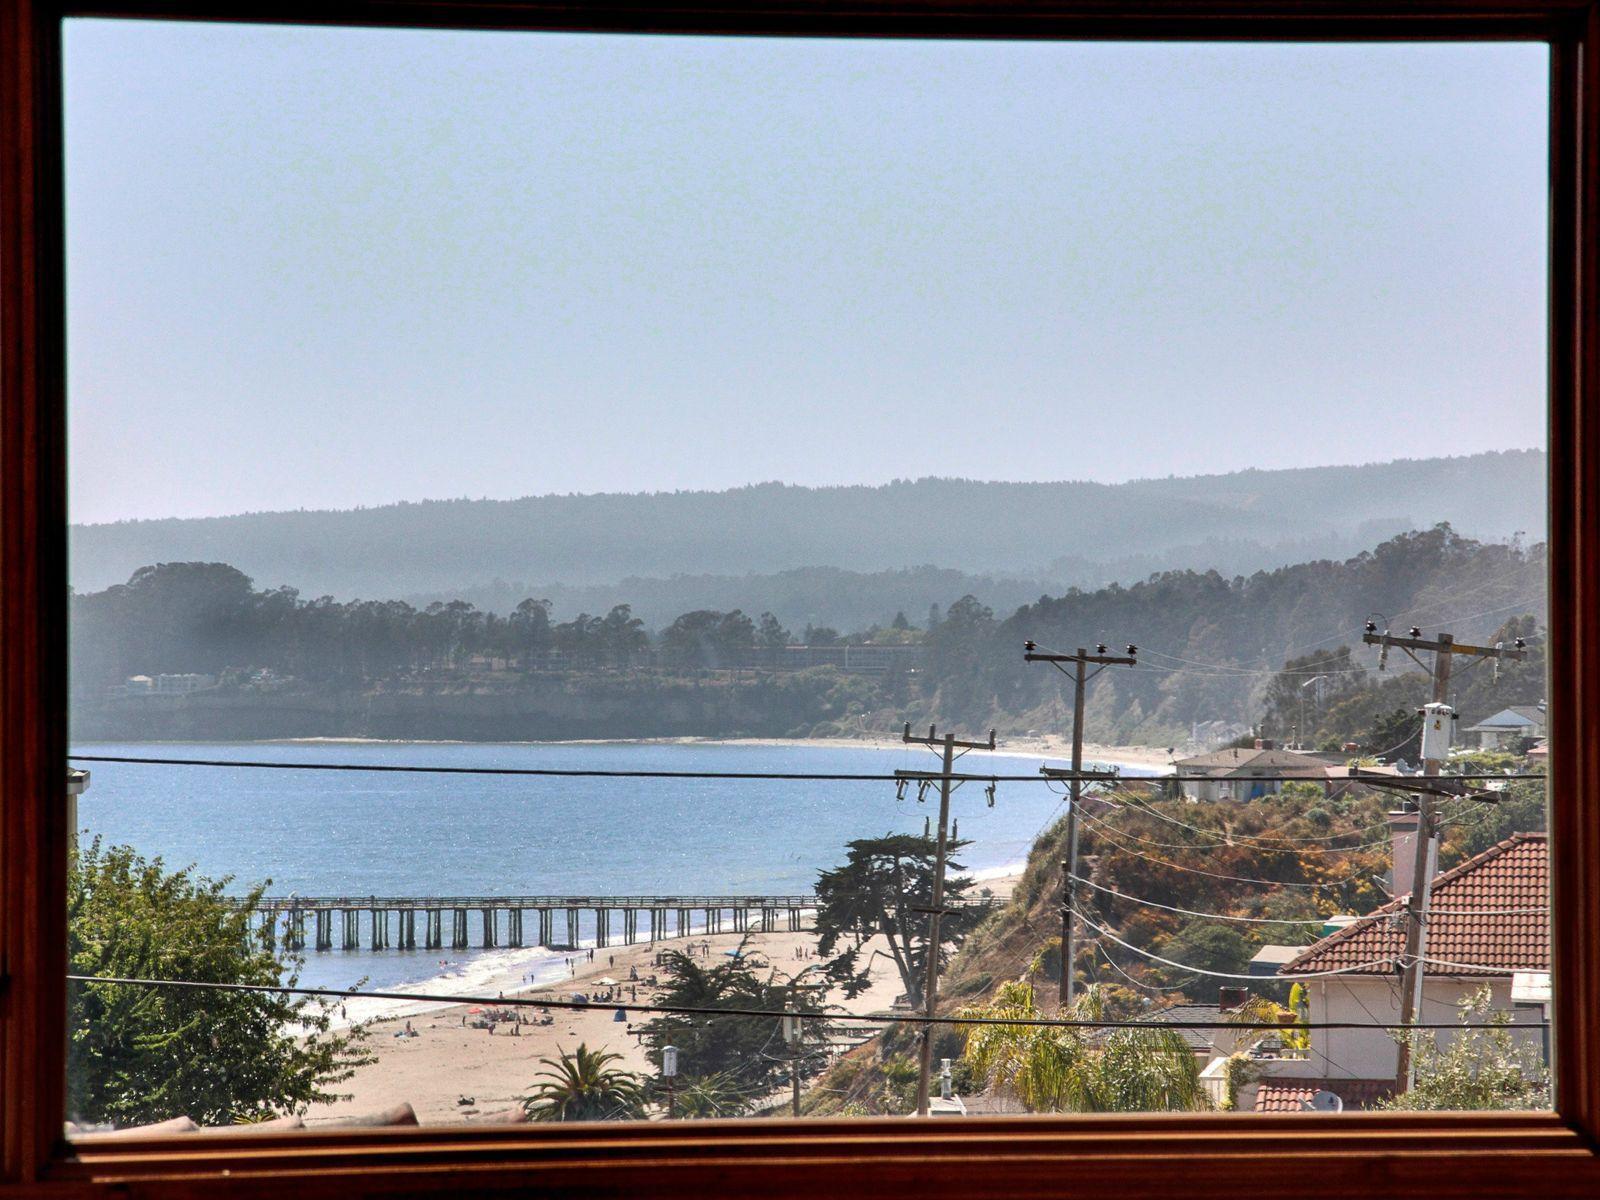 Beach and Ocean View  Mediterranean